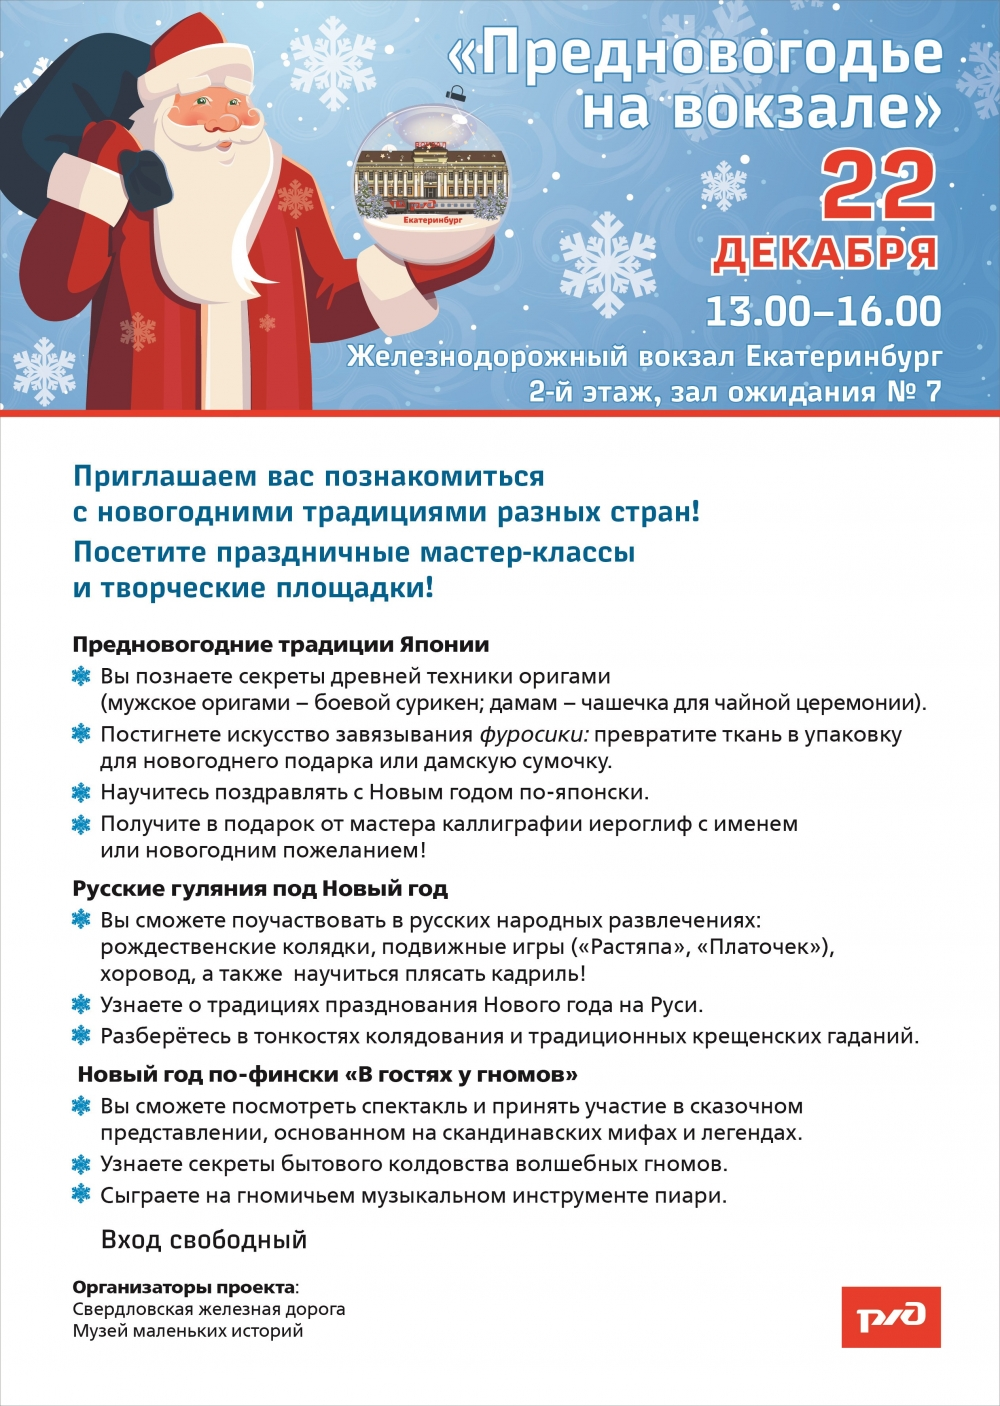 На вокзале Екатеринбург научат праздновать Новый год по-японски, по-фински и по-русски.